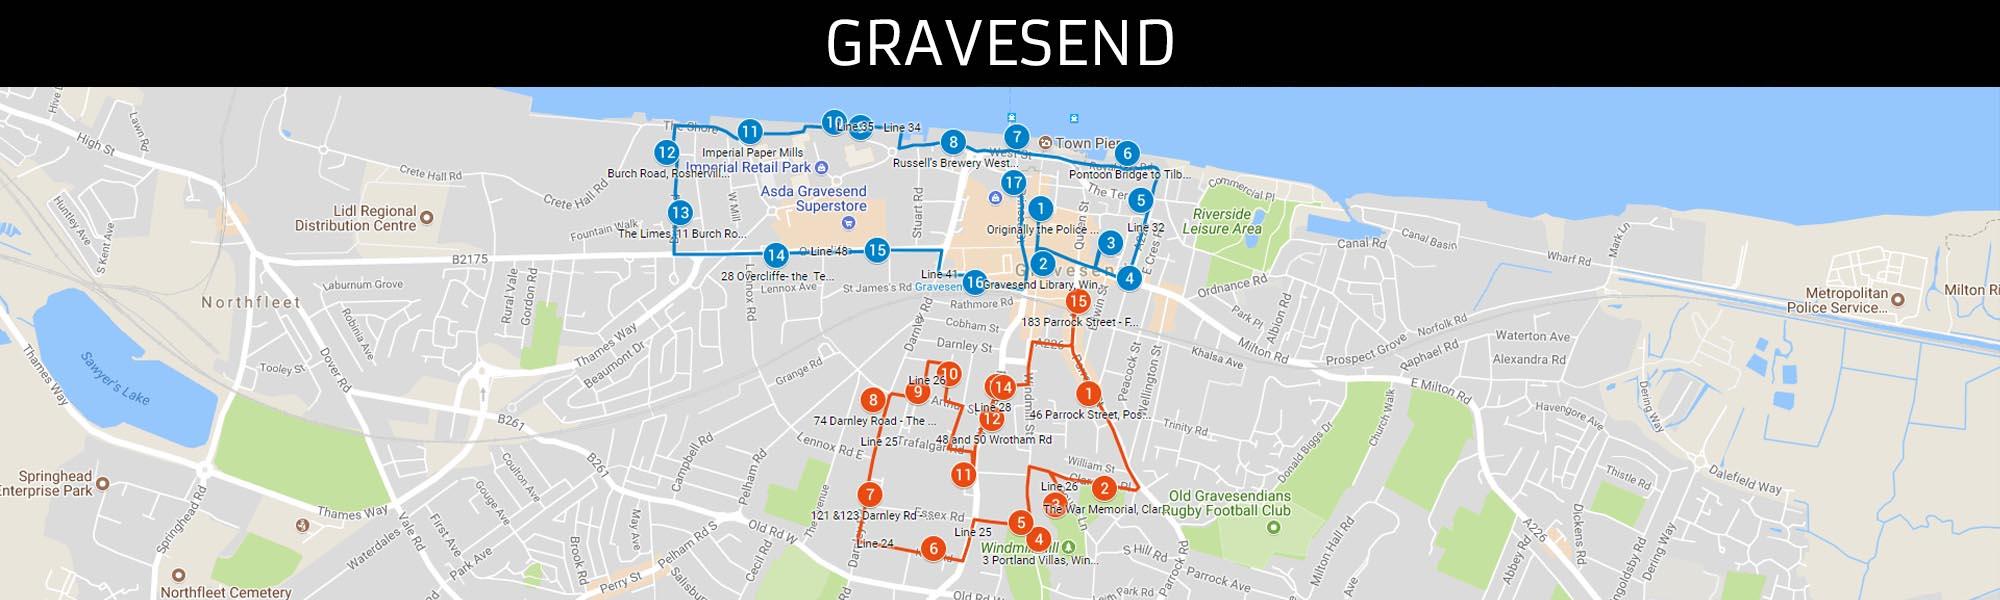 Gravesend Trail